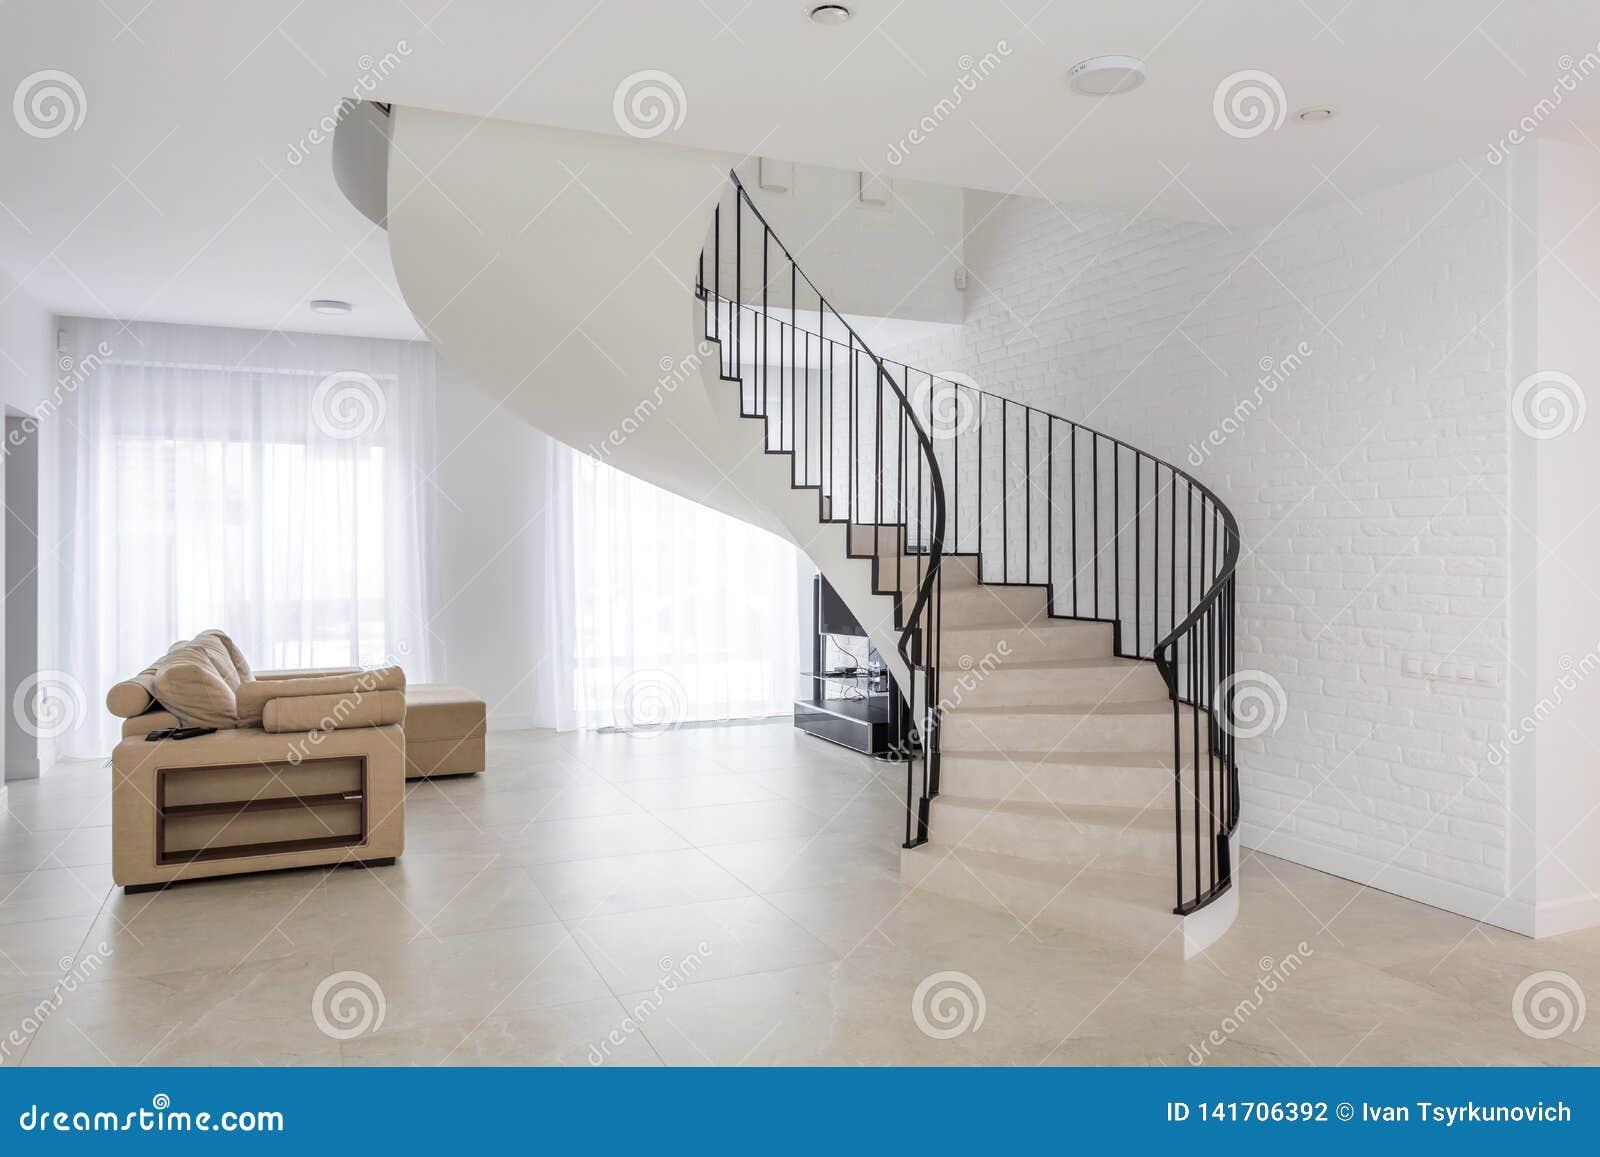 Wendeltreppe im hellen Innenraum mit weißer Backsteinmauer in der teuren Wohnung der Auslese